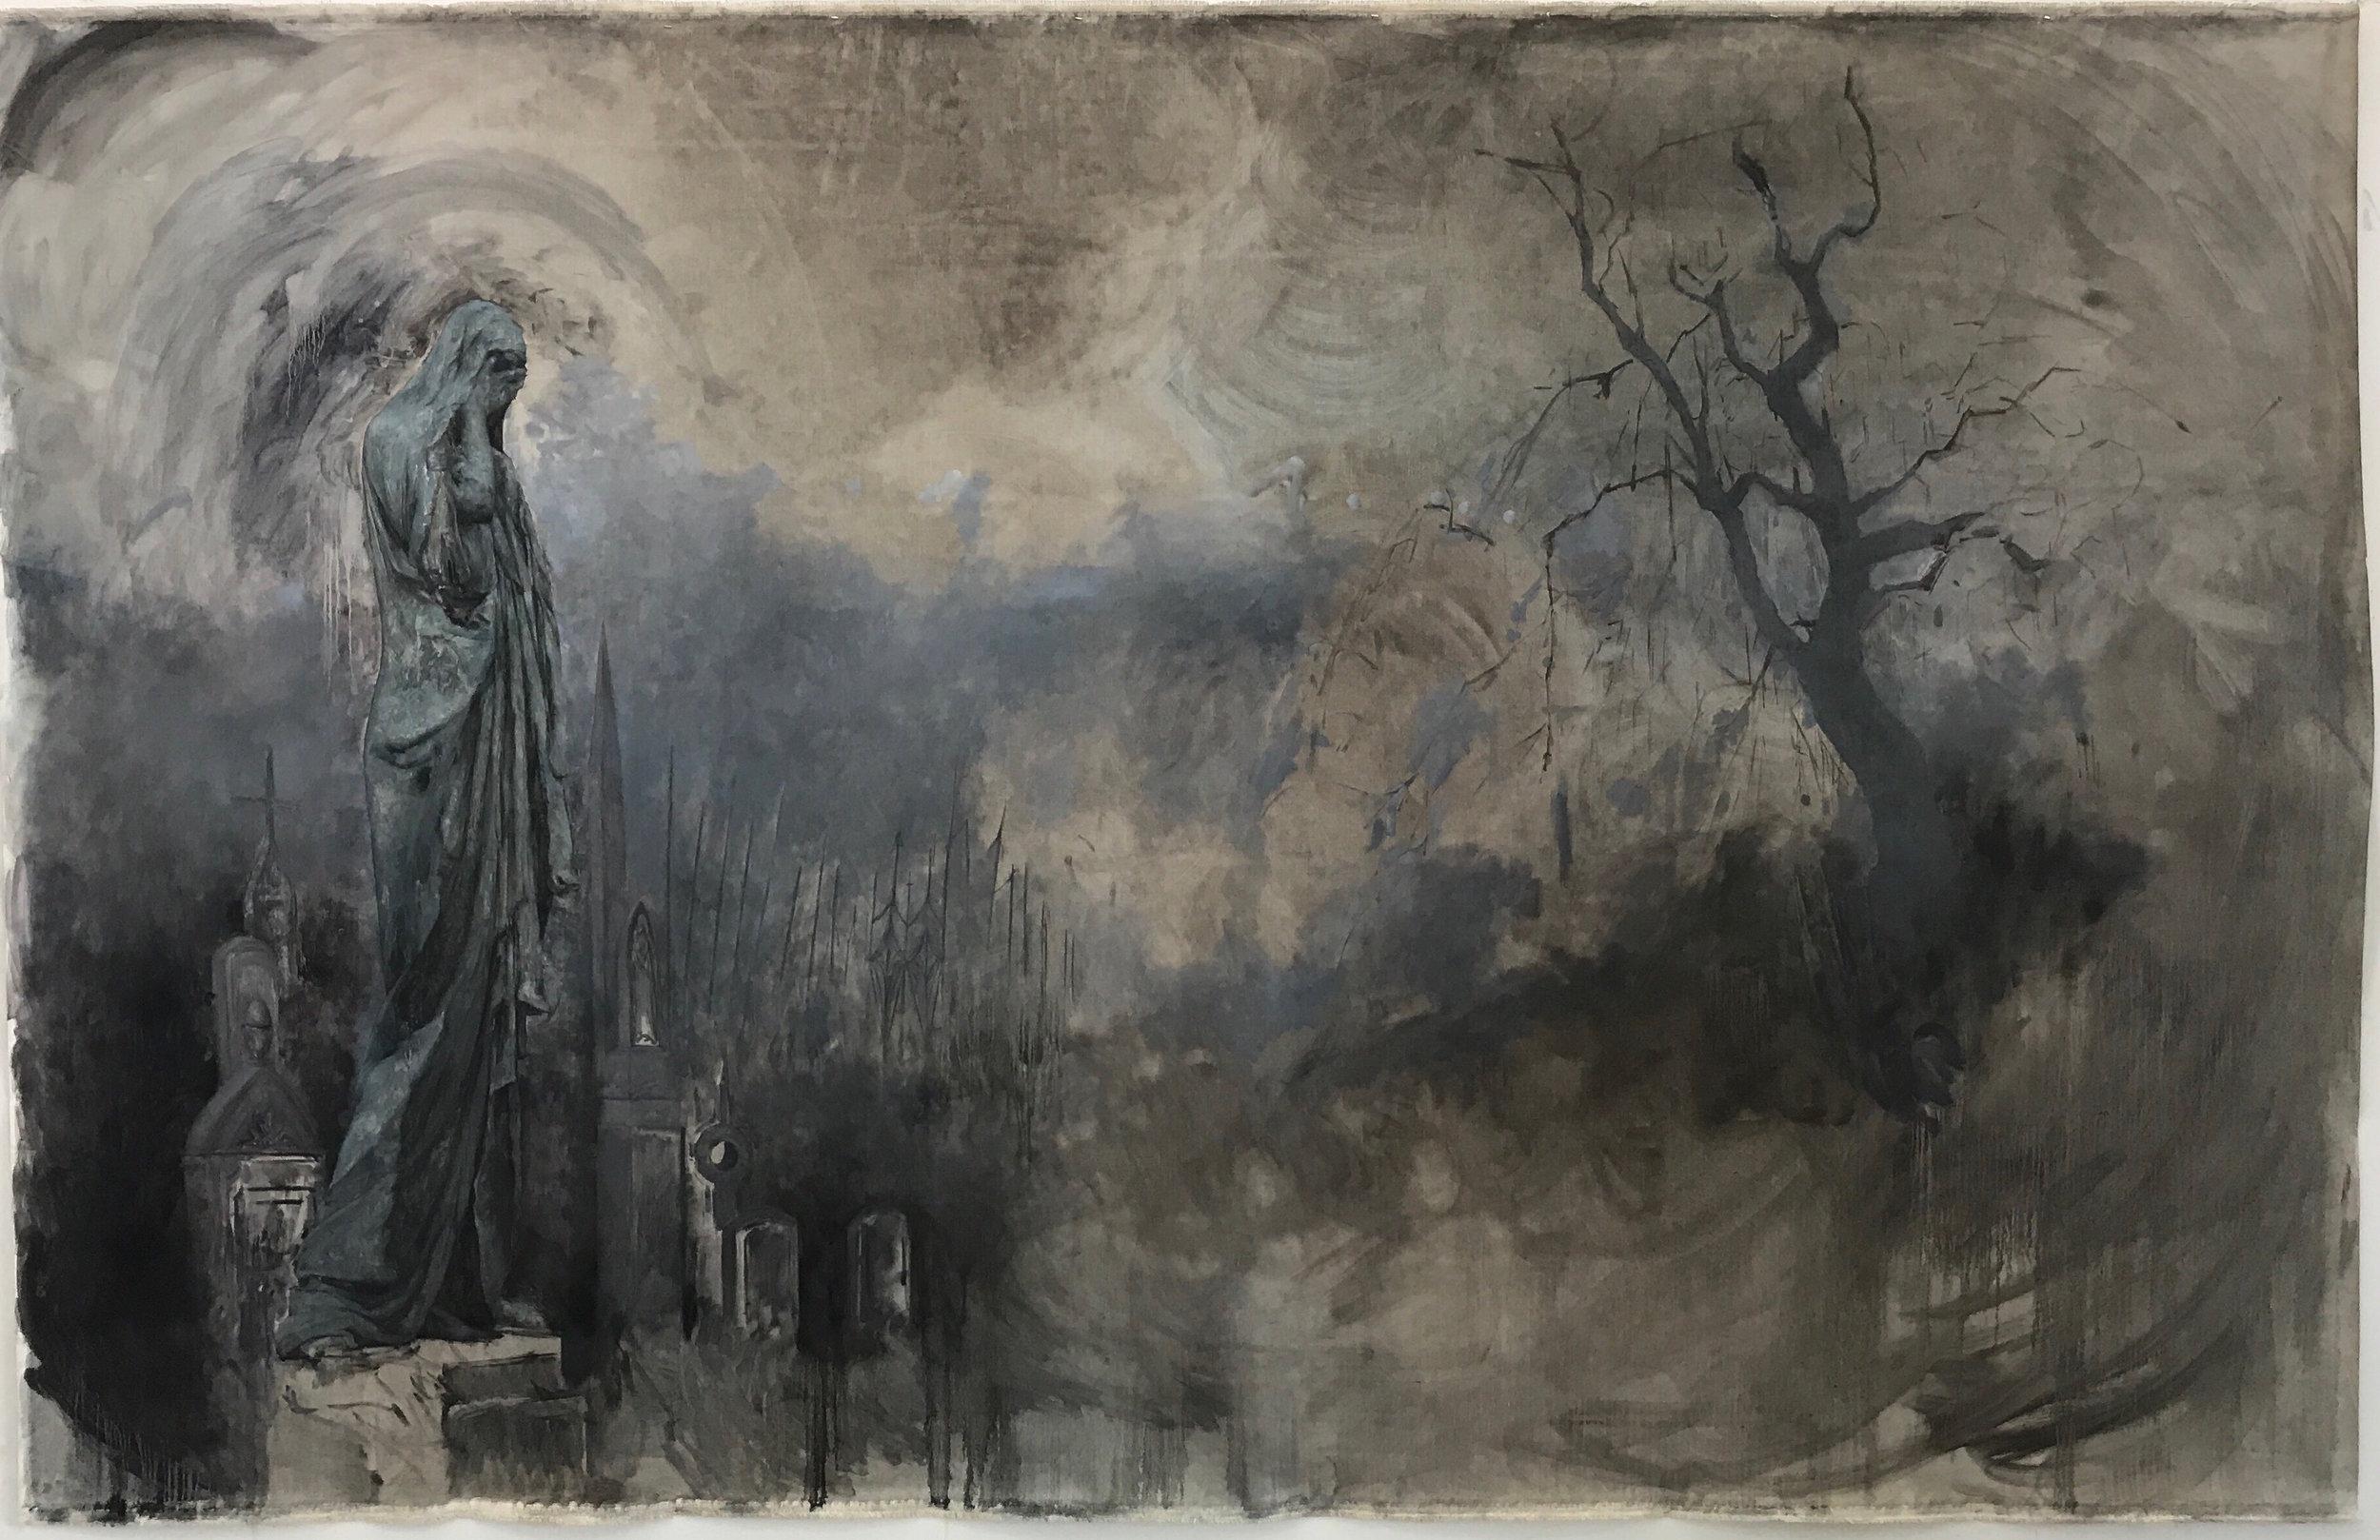 Frankenstein Konfidential, Chapter 1, In the Cemetery, 84 x 140, 2018 (Still in progress)